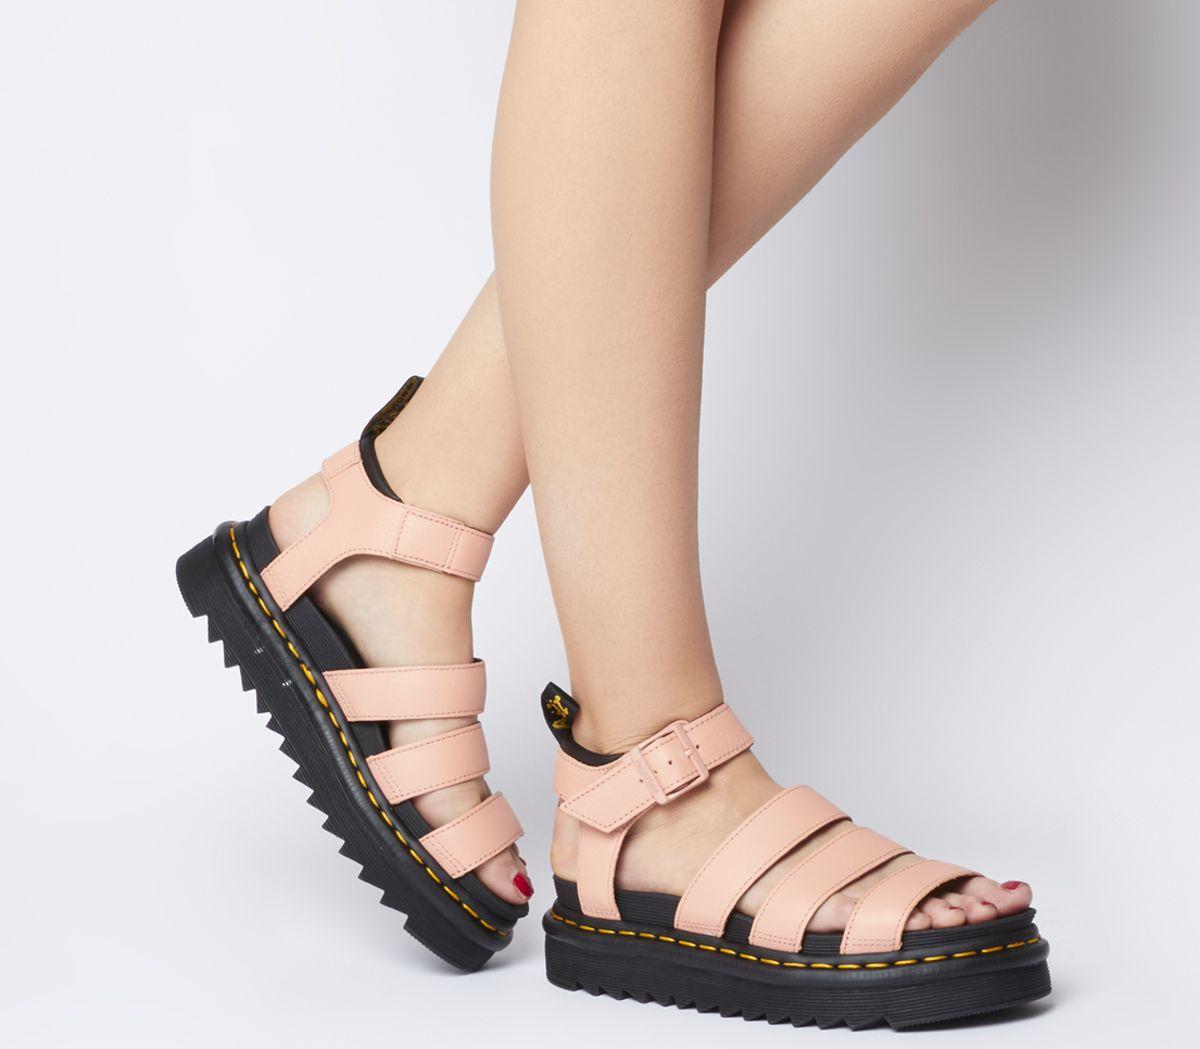 8f9da7bc Dr. Martens Blaire Sandals Salmon Pink - Sandals